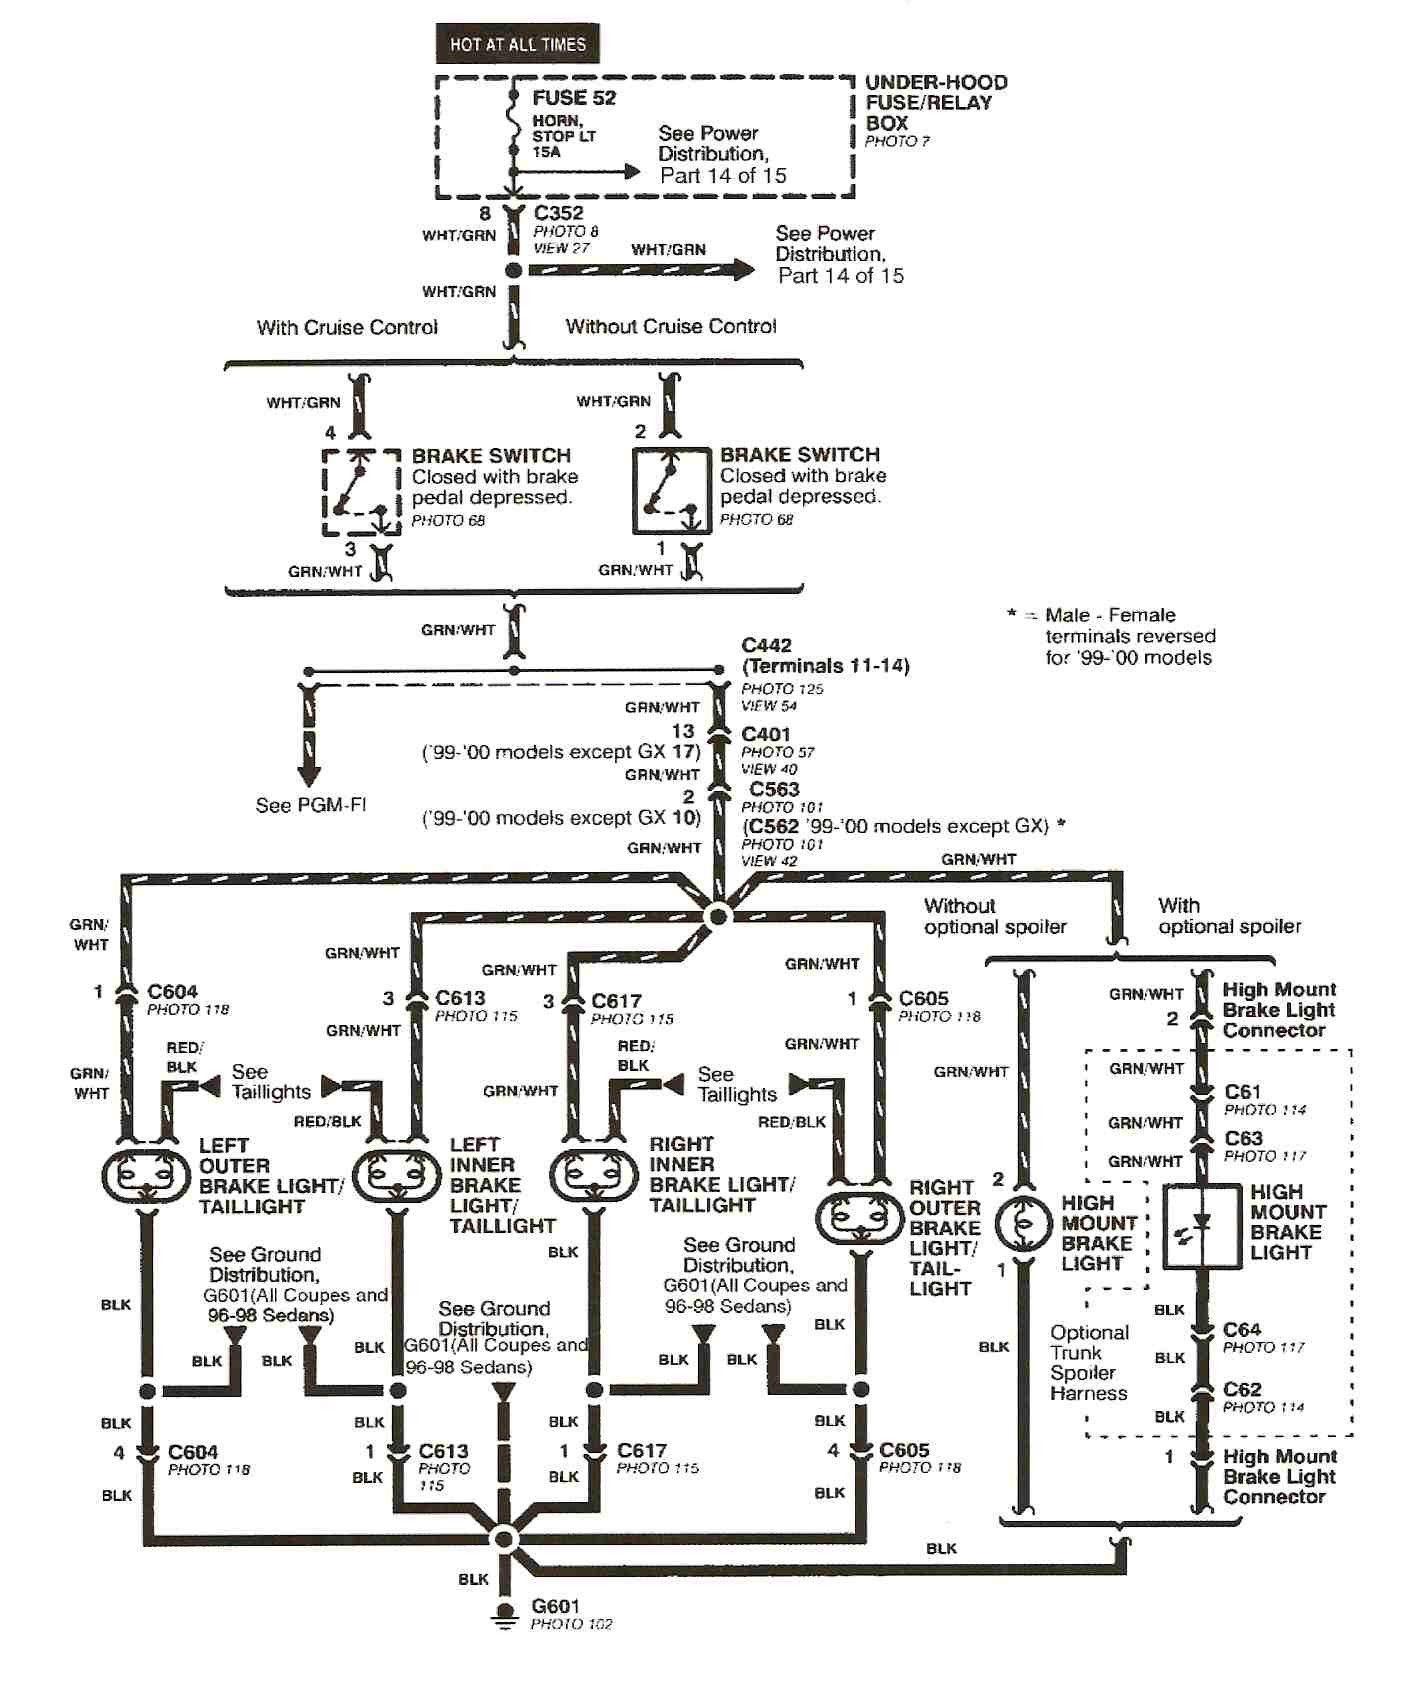 2000 Honda Civic Wiring Diagram from i.pinimg.com